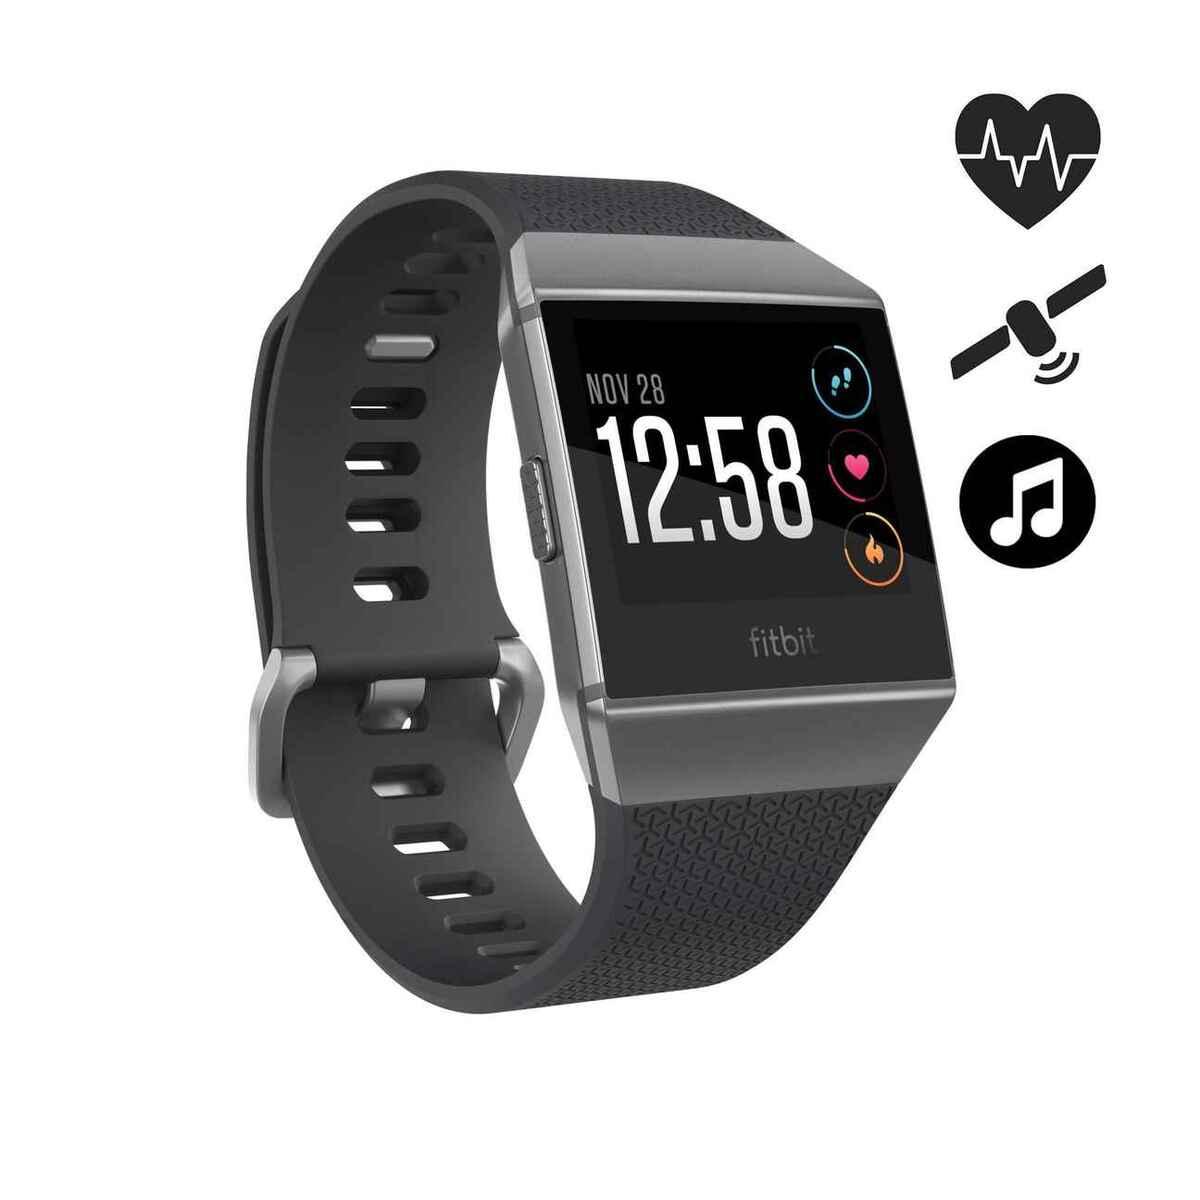 Bild 1 von Coach-Smart-Watch Ionic Herzfrequenz GPS Musik